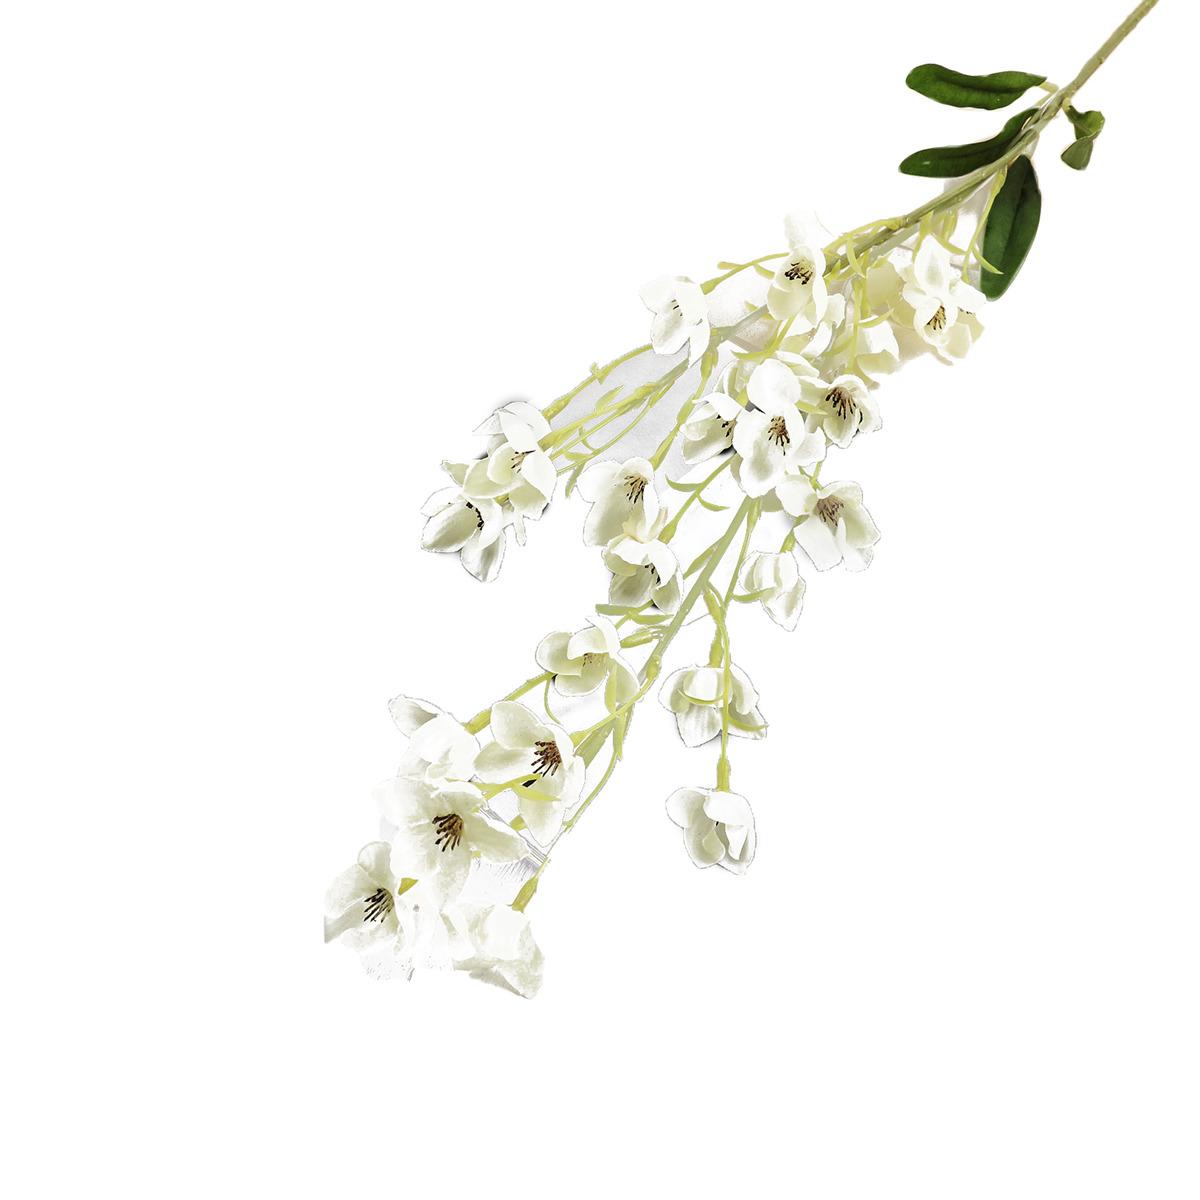 Искусственные цветы Калужница, 3794224, белый, 90 см